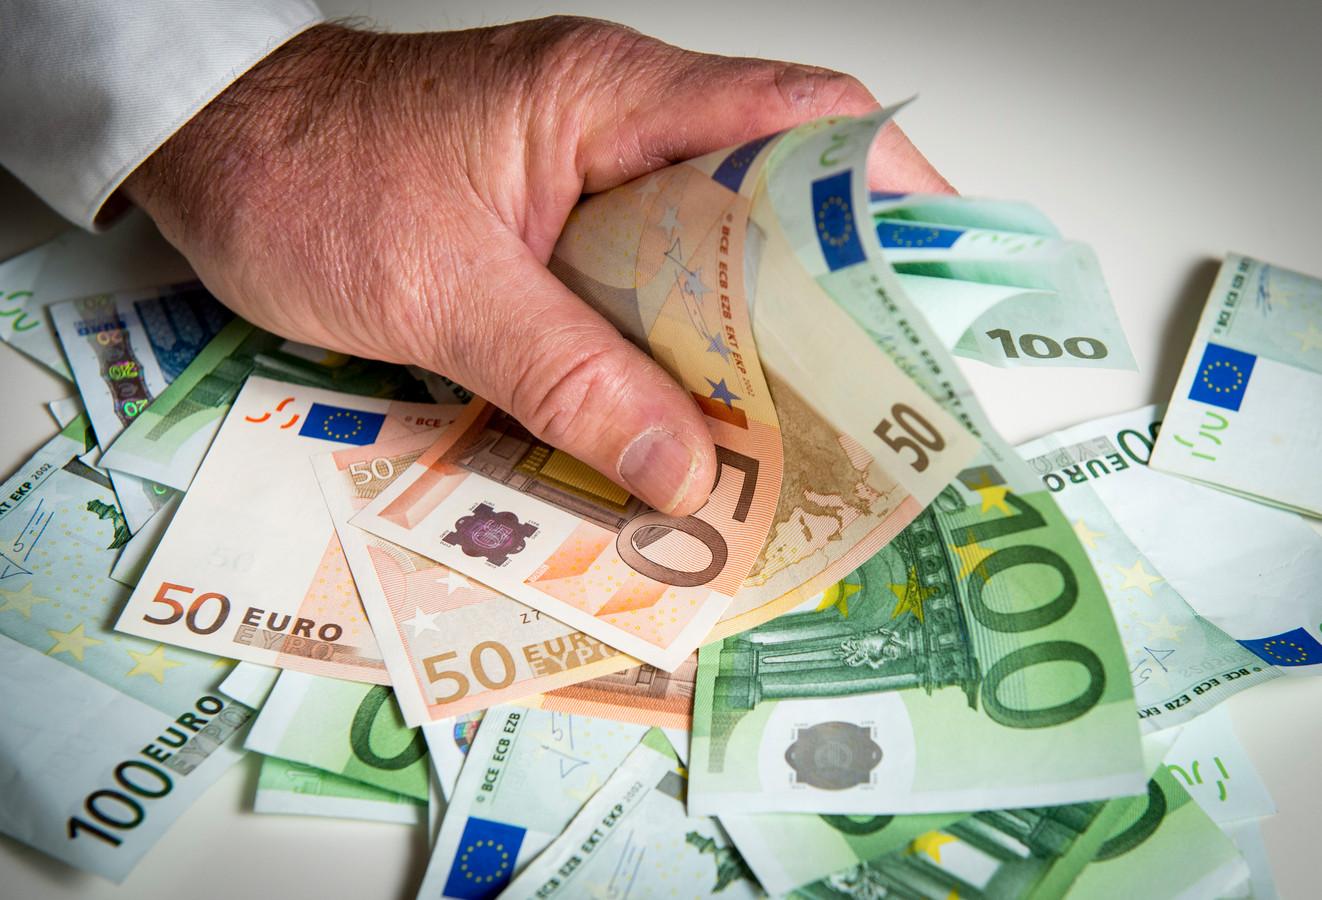 Voor de realisering van de MFA De Krim zijn certificaten te koop. Ze kosten 100, 250 of 1000 euro per stuk.